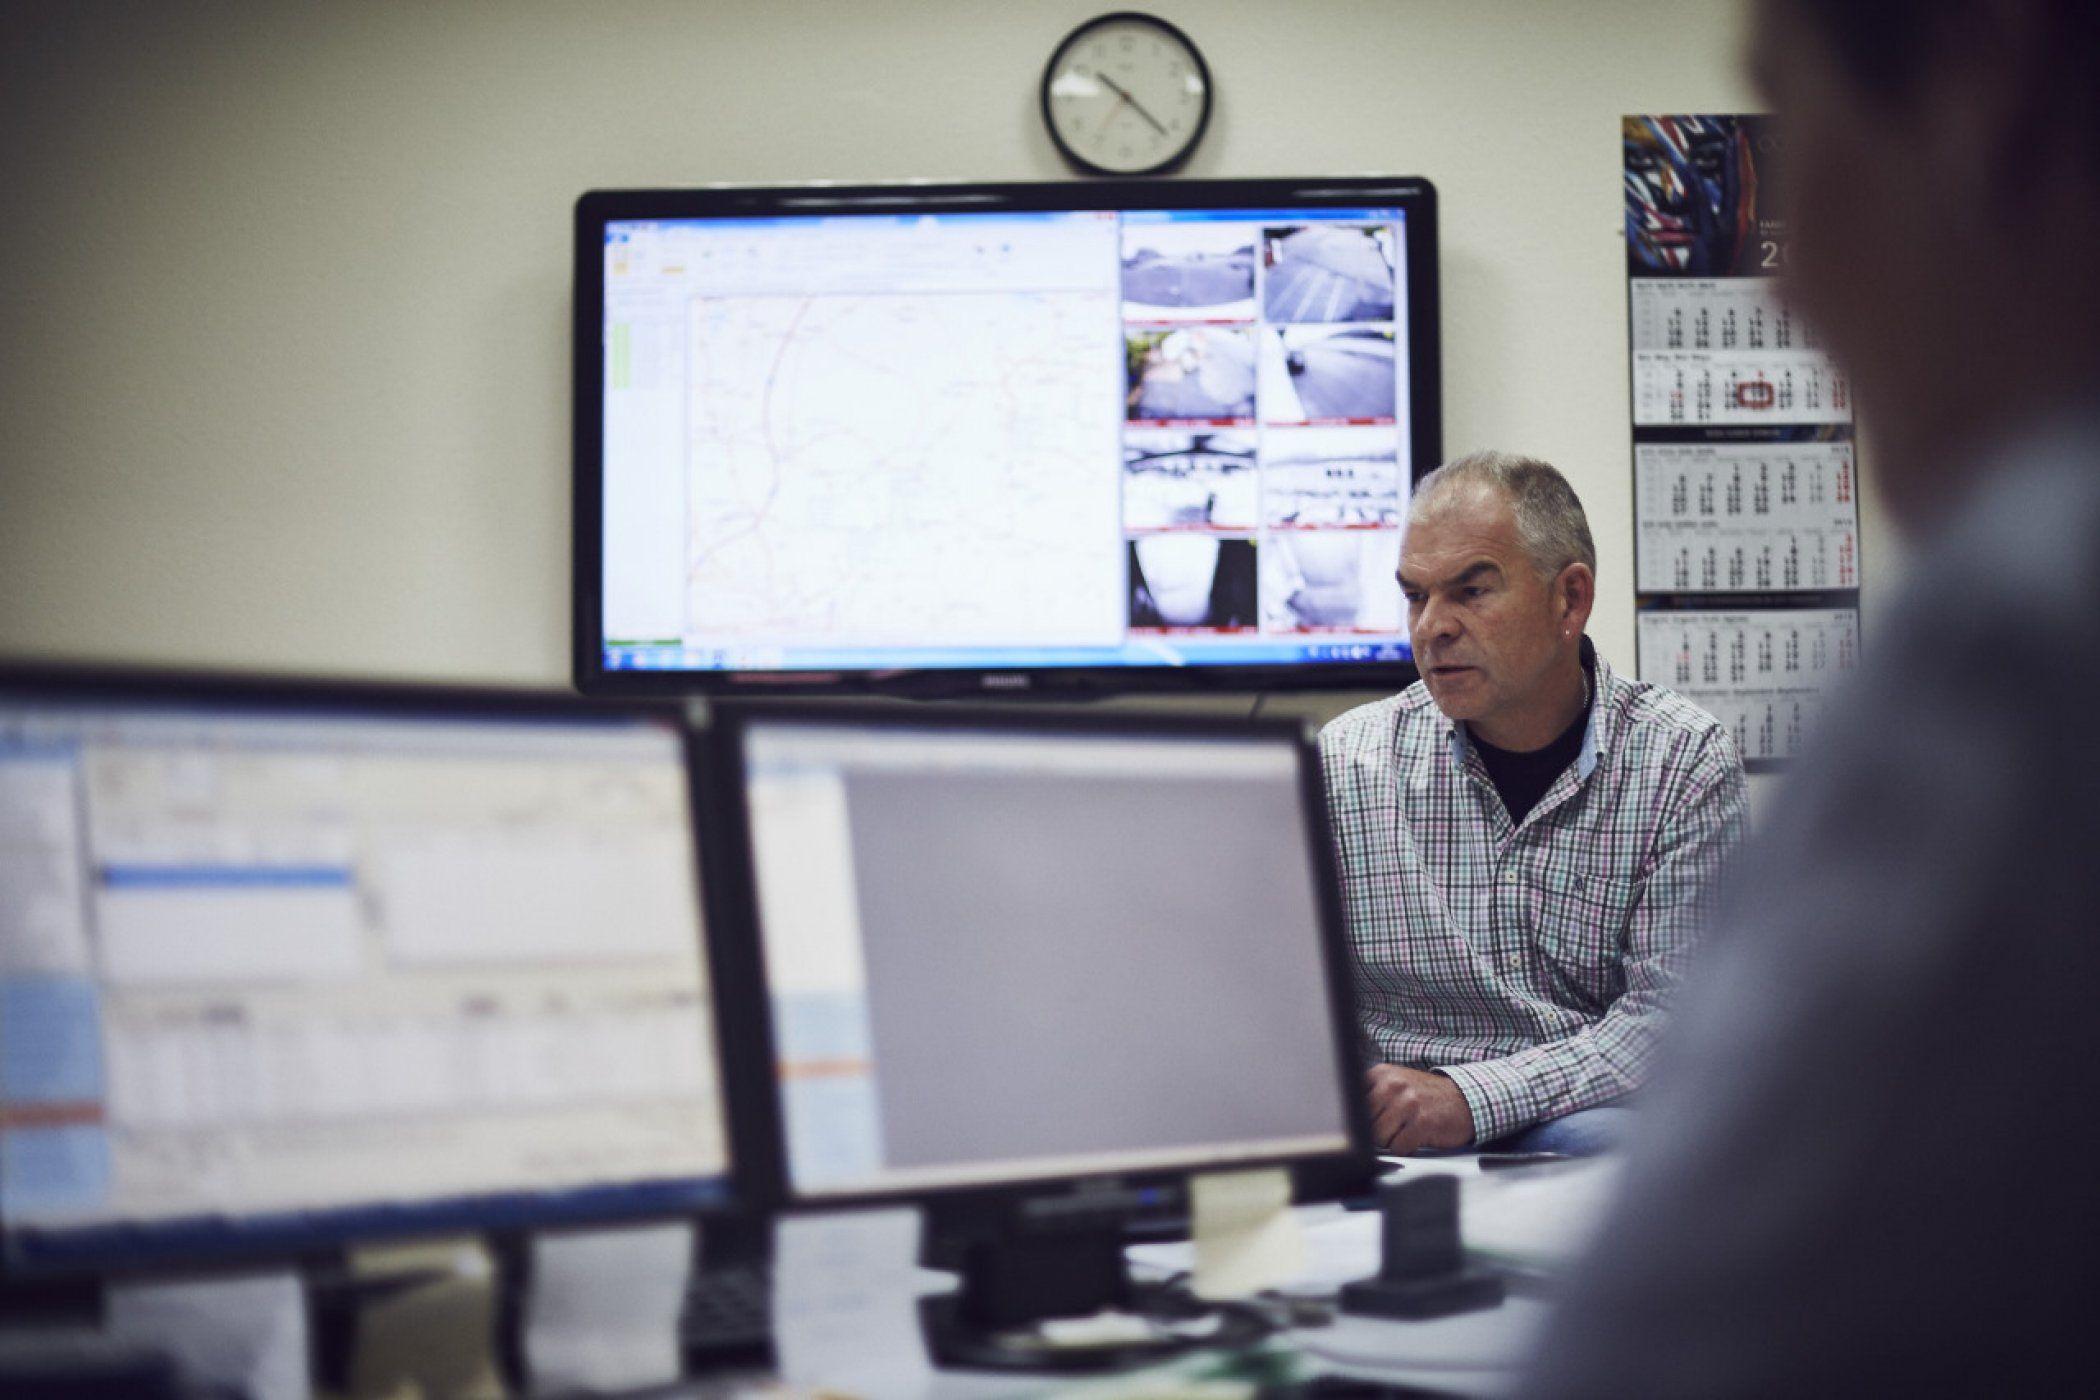 Die Kommandozentrale. Der sogenannte Disponent definiert die Touren am Computer und koordiniert die LKWs. Dank GPS und Flottenmanager weiß er jederzeit, wann wer wo steht und kann die Routen effizient planen und schnell handeln.